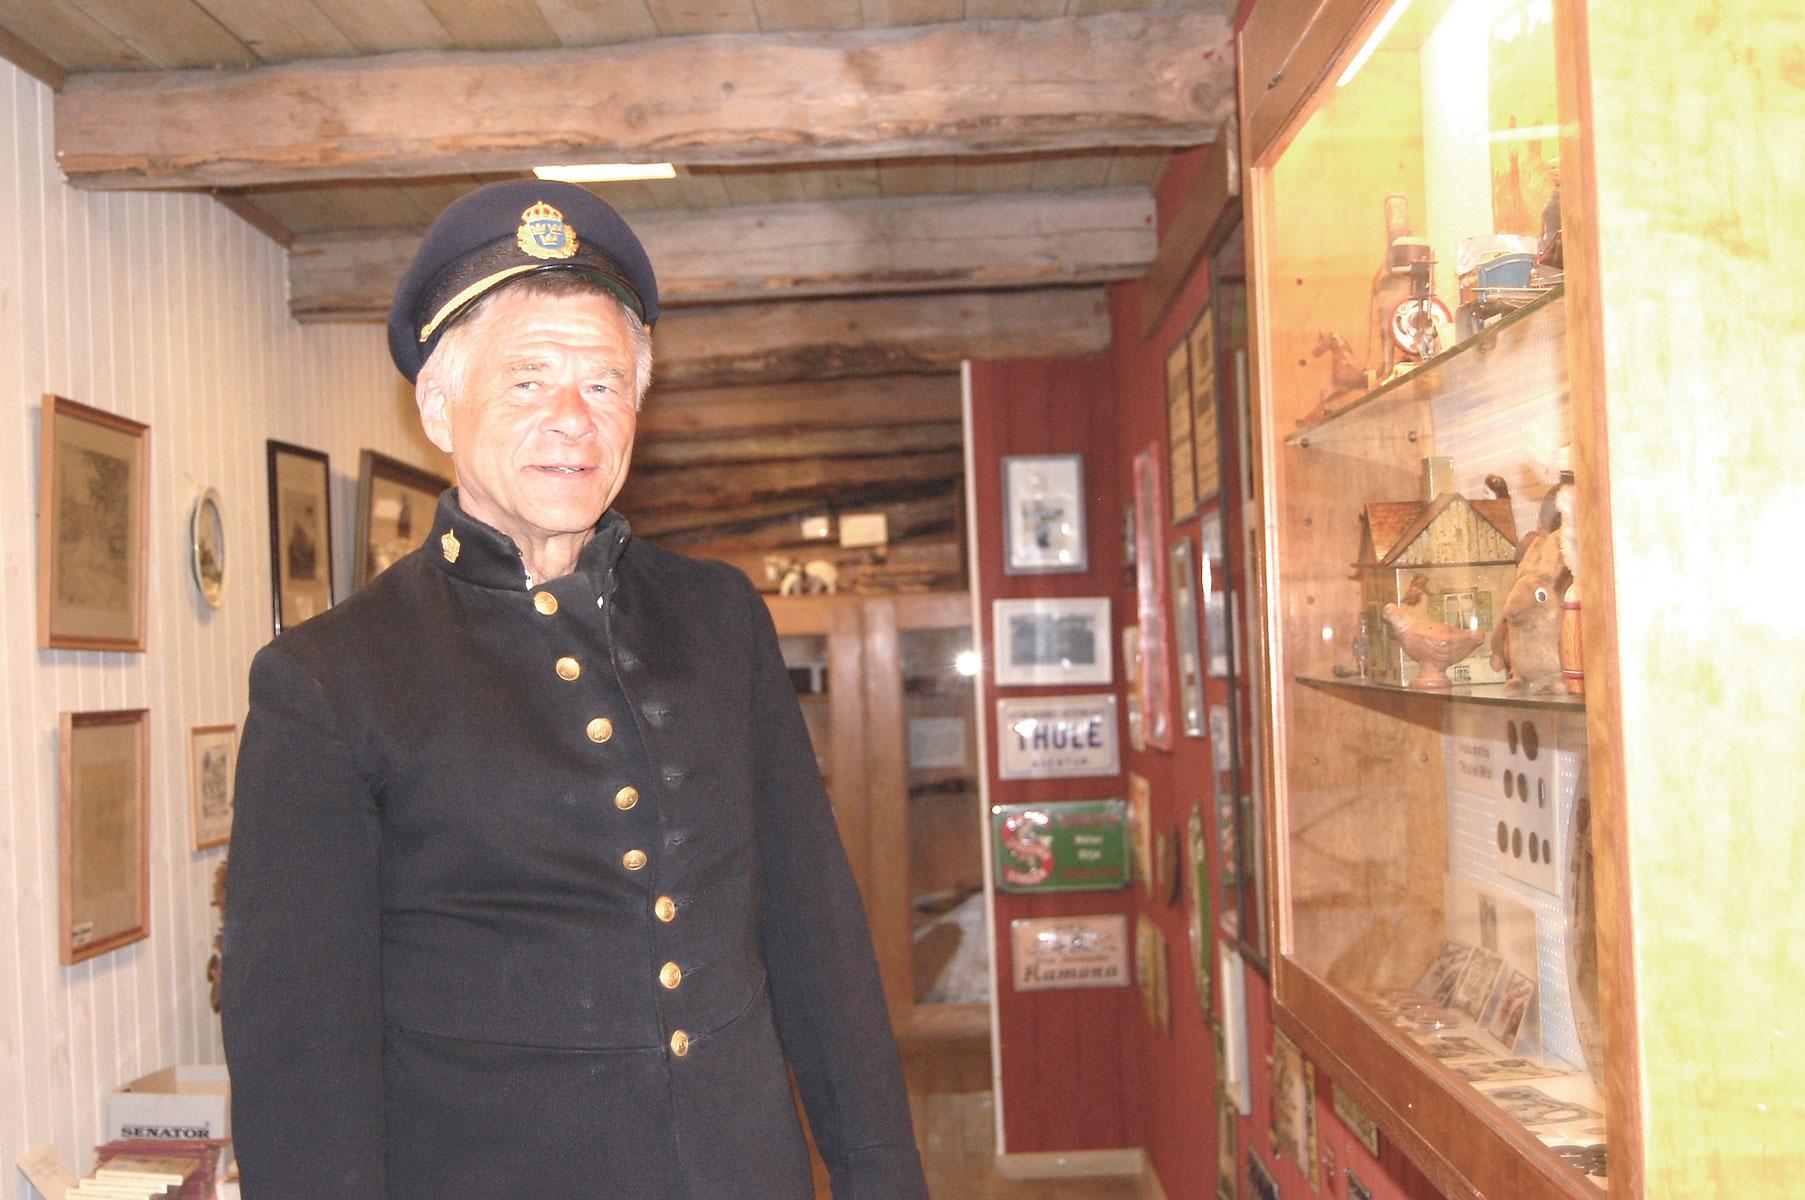 I rollen som lagens väktare hade Anders Haraldsson en lugn dag i kyrkstallarna.